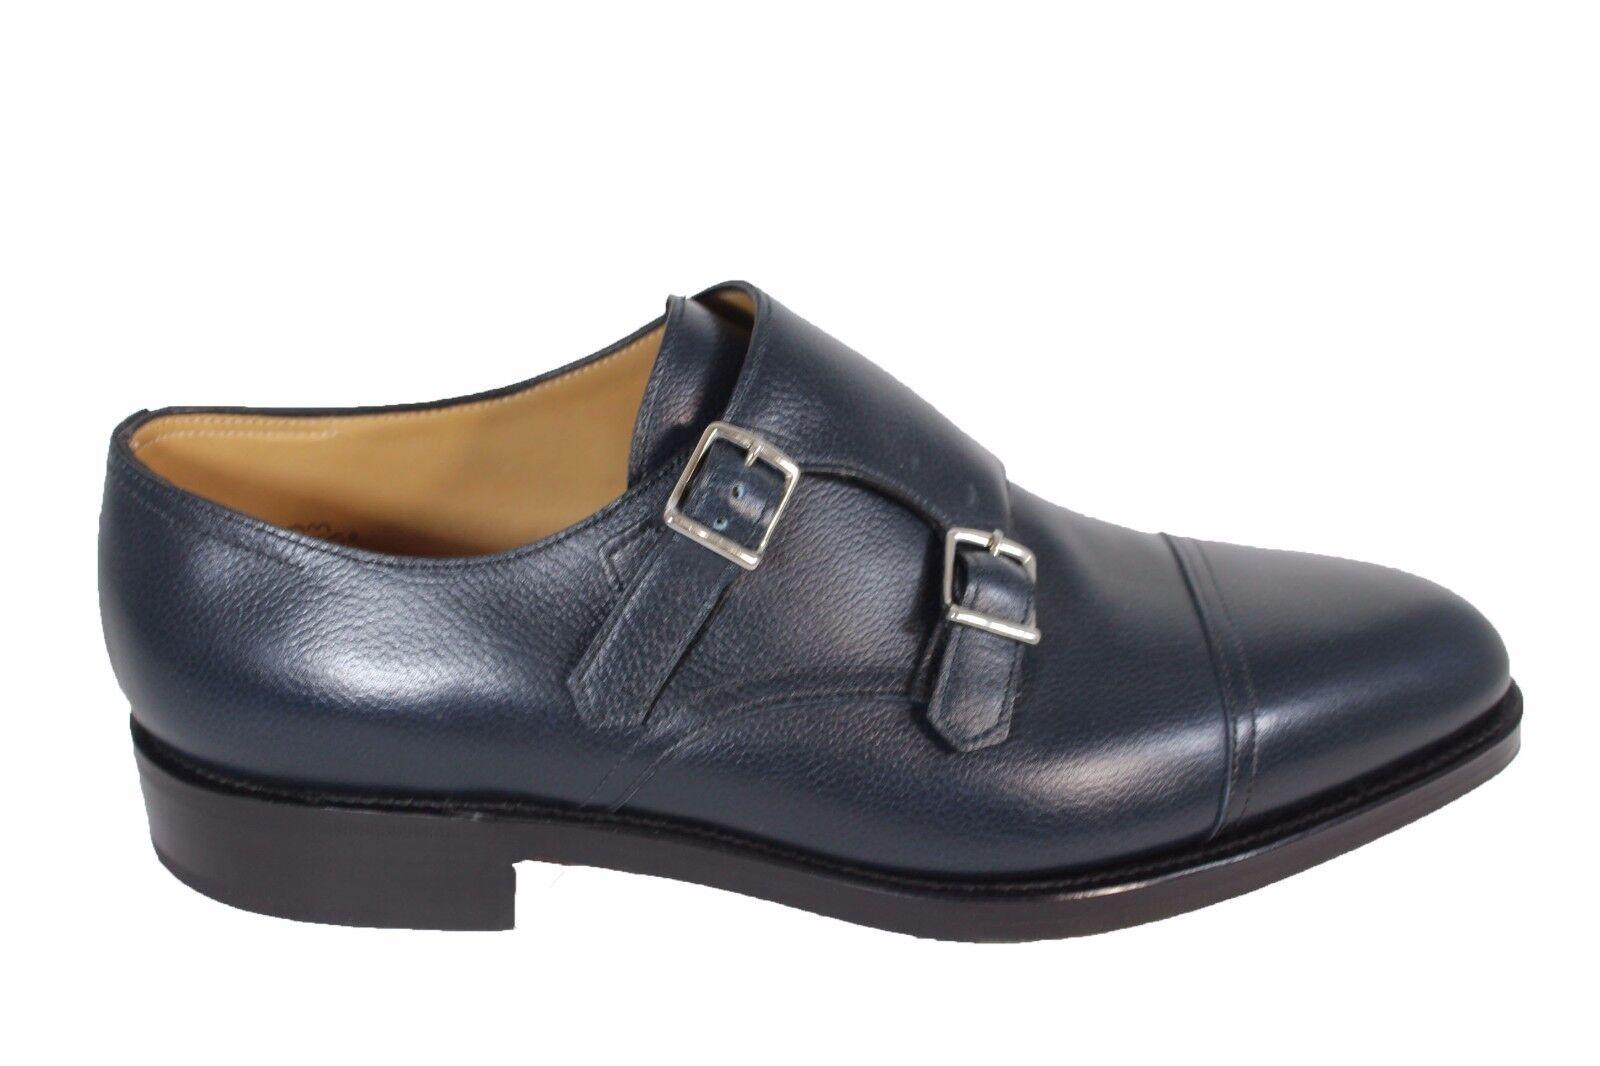 JOHN LOBB William leather monk strap scarpe eleganti in pelle con suola in cuoio